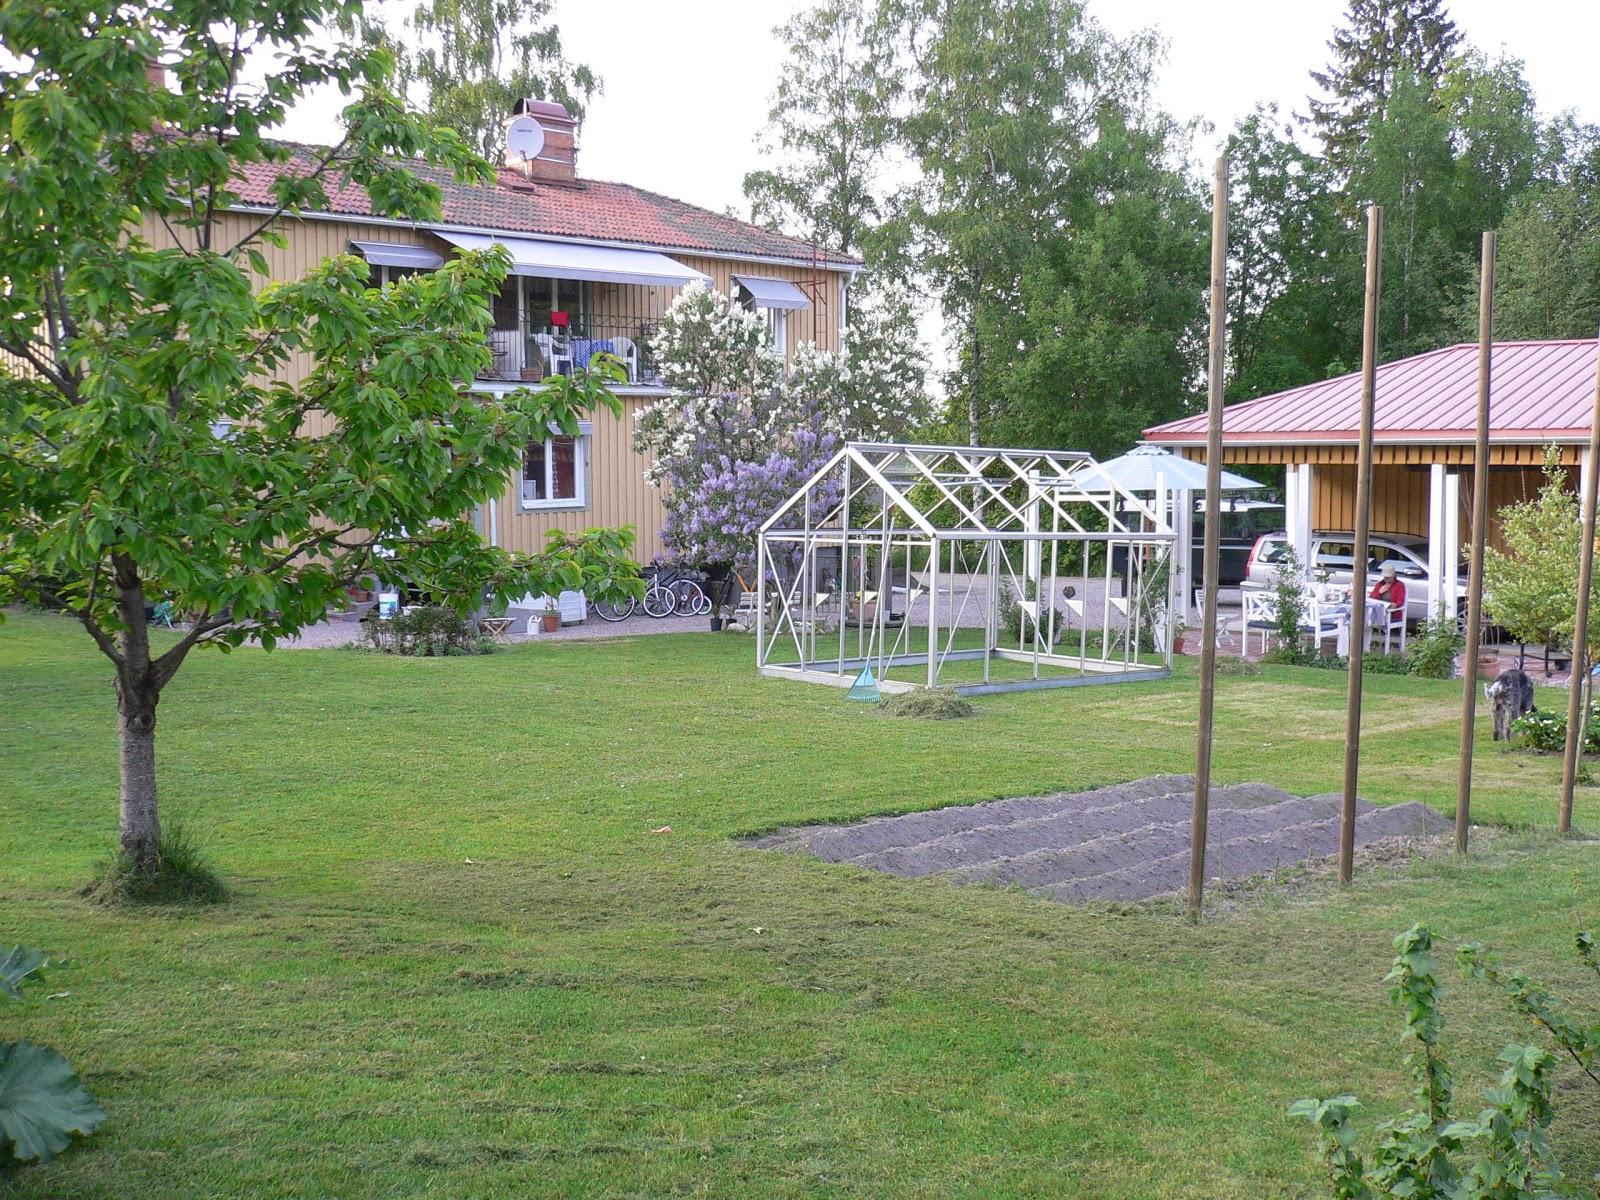 Karina marias trädgård: en underbar första dag av en ledig långhelg.